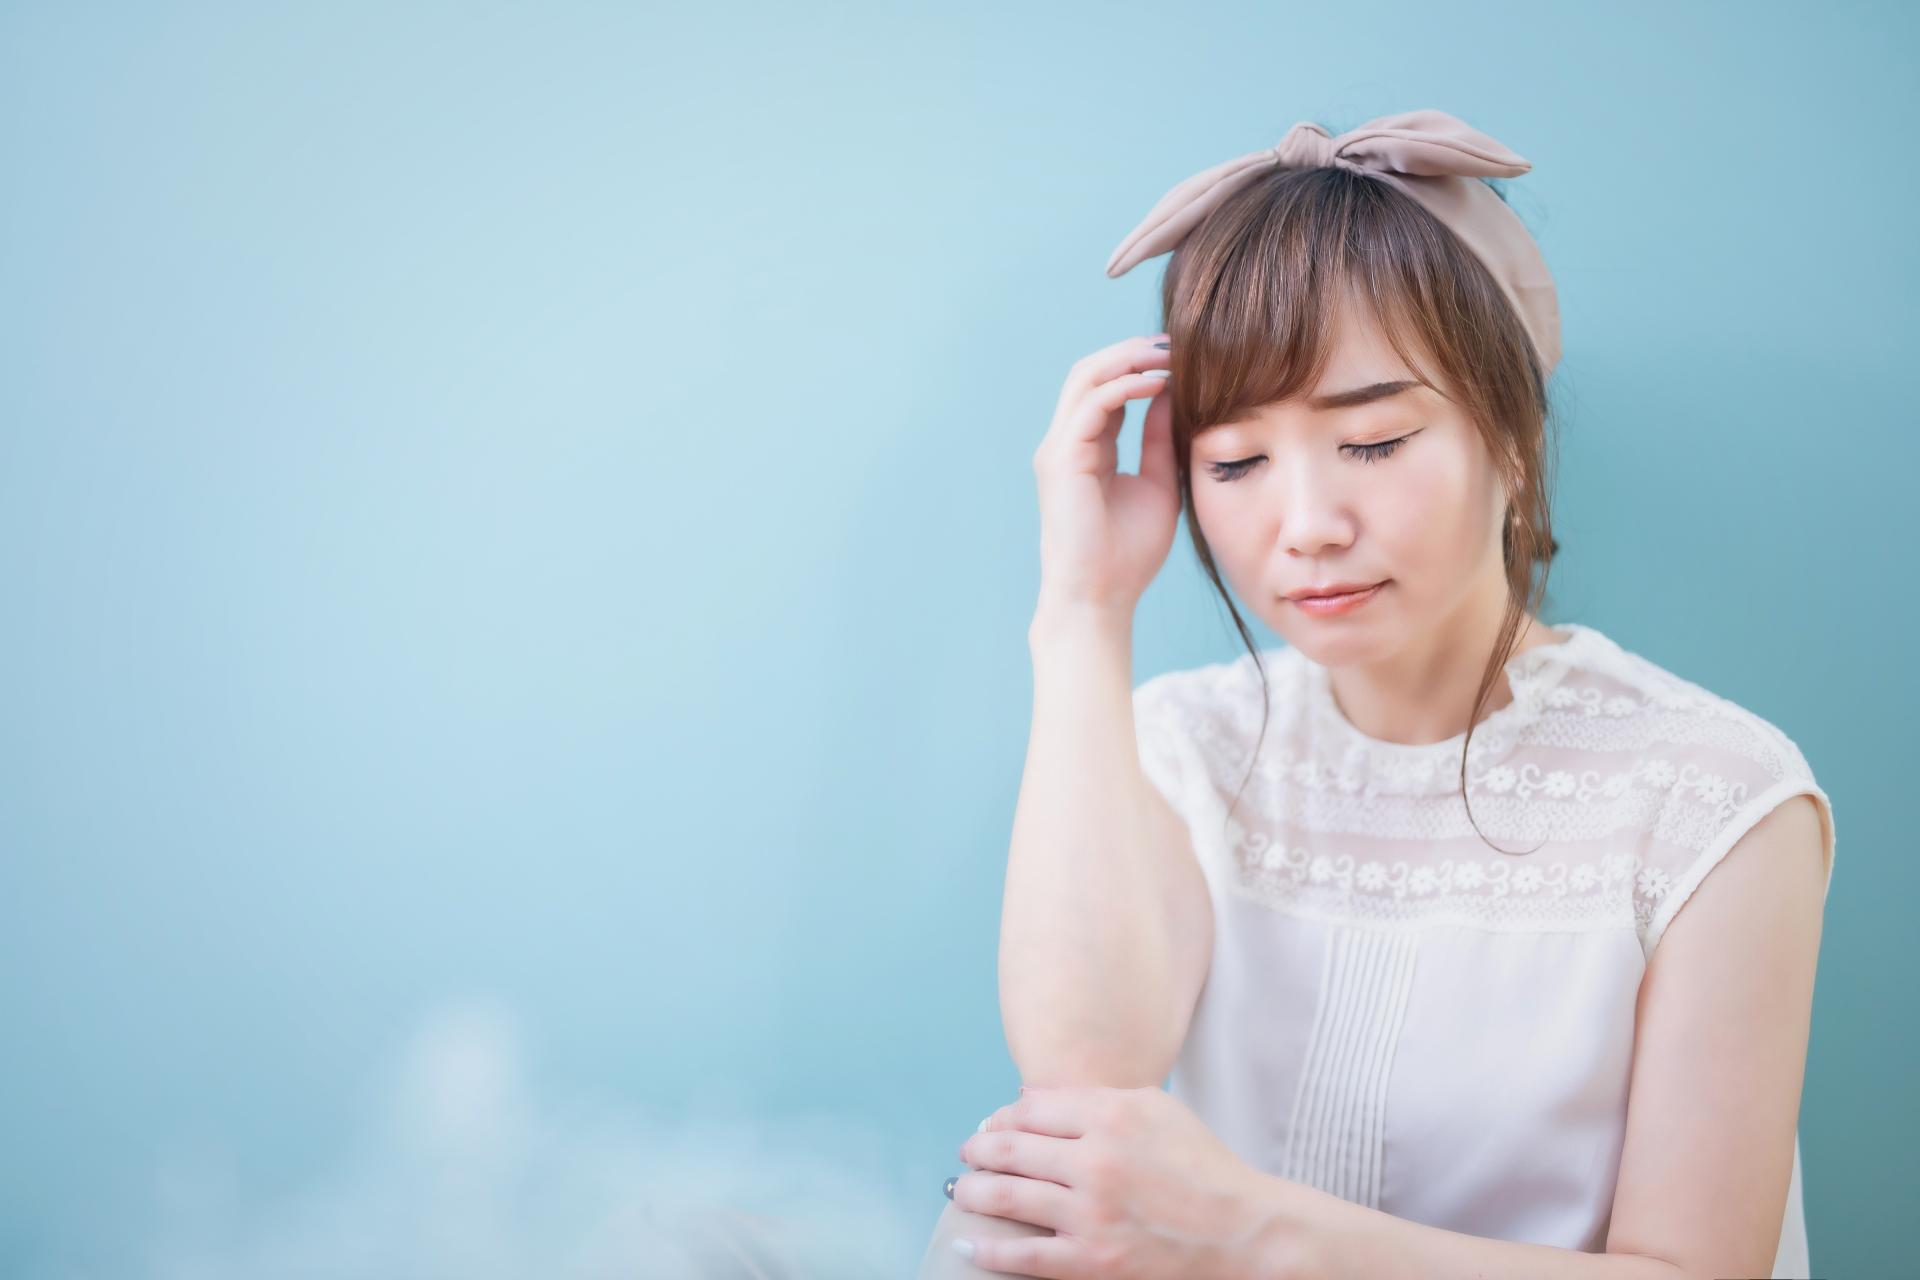 生理痛の女性